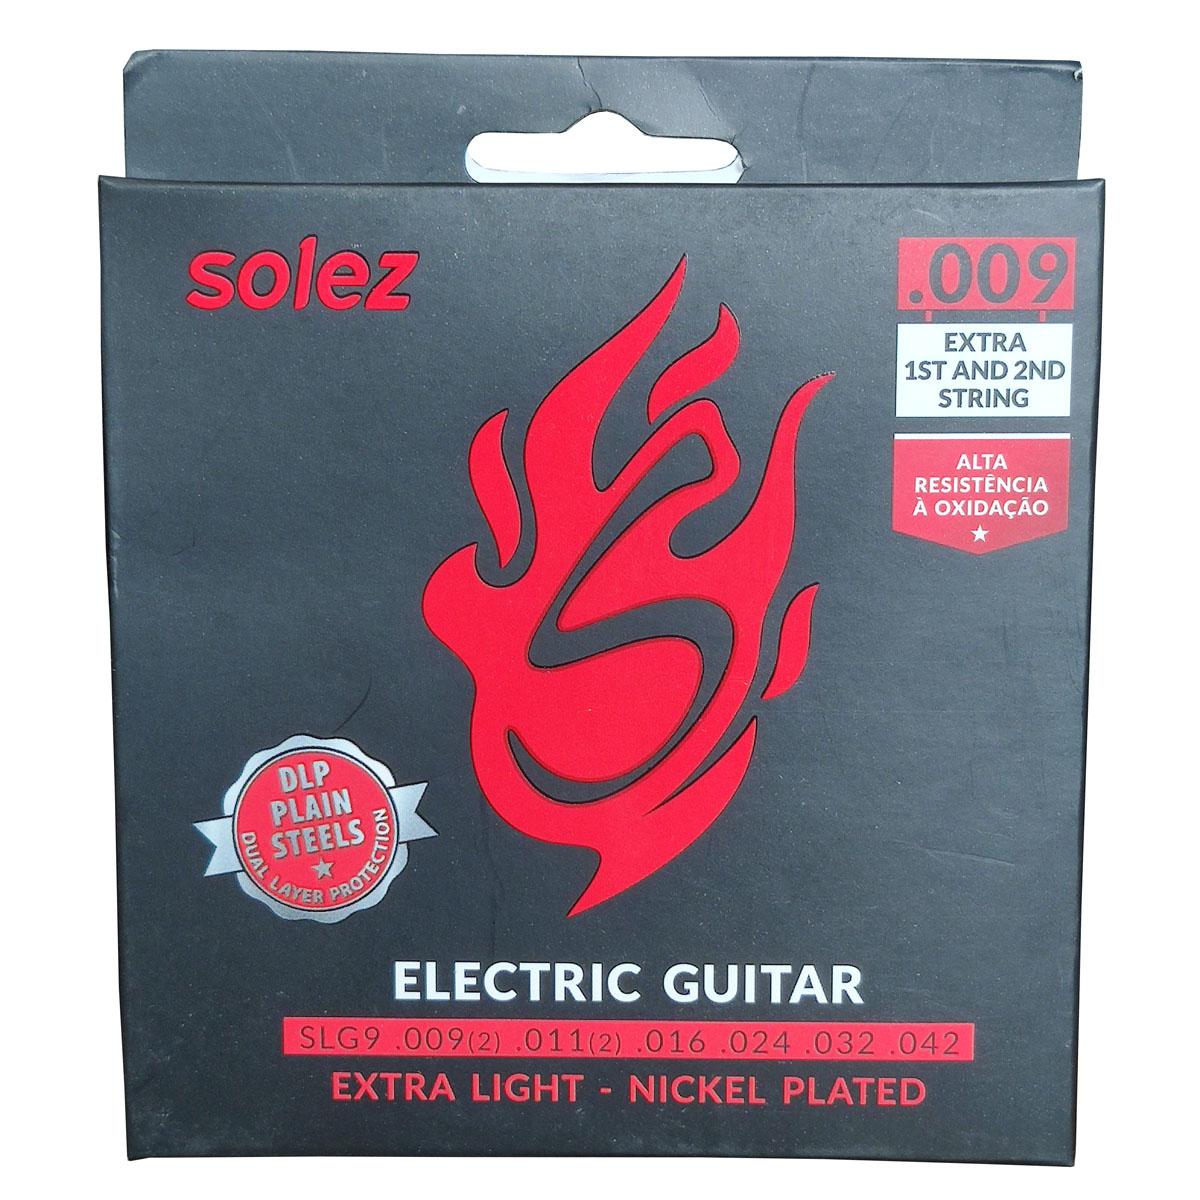 Jogo de Cordas p/ Guitarra 009 Extra Leve - Solez  - RS Som e Luz!